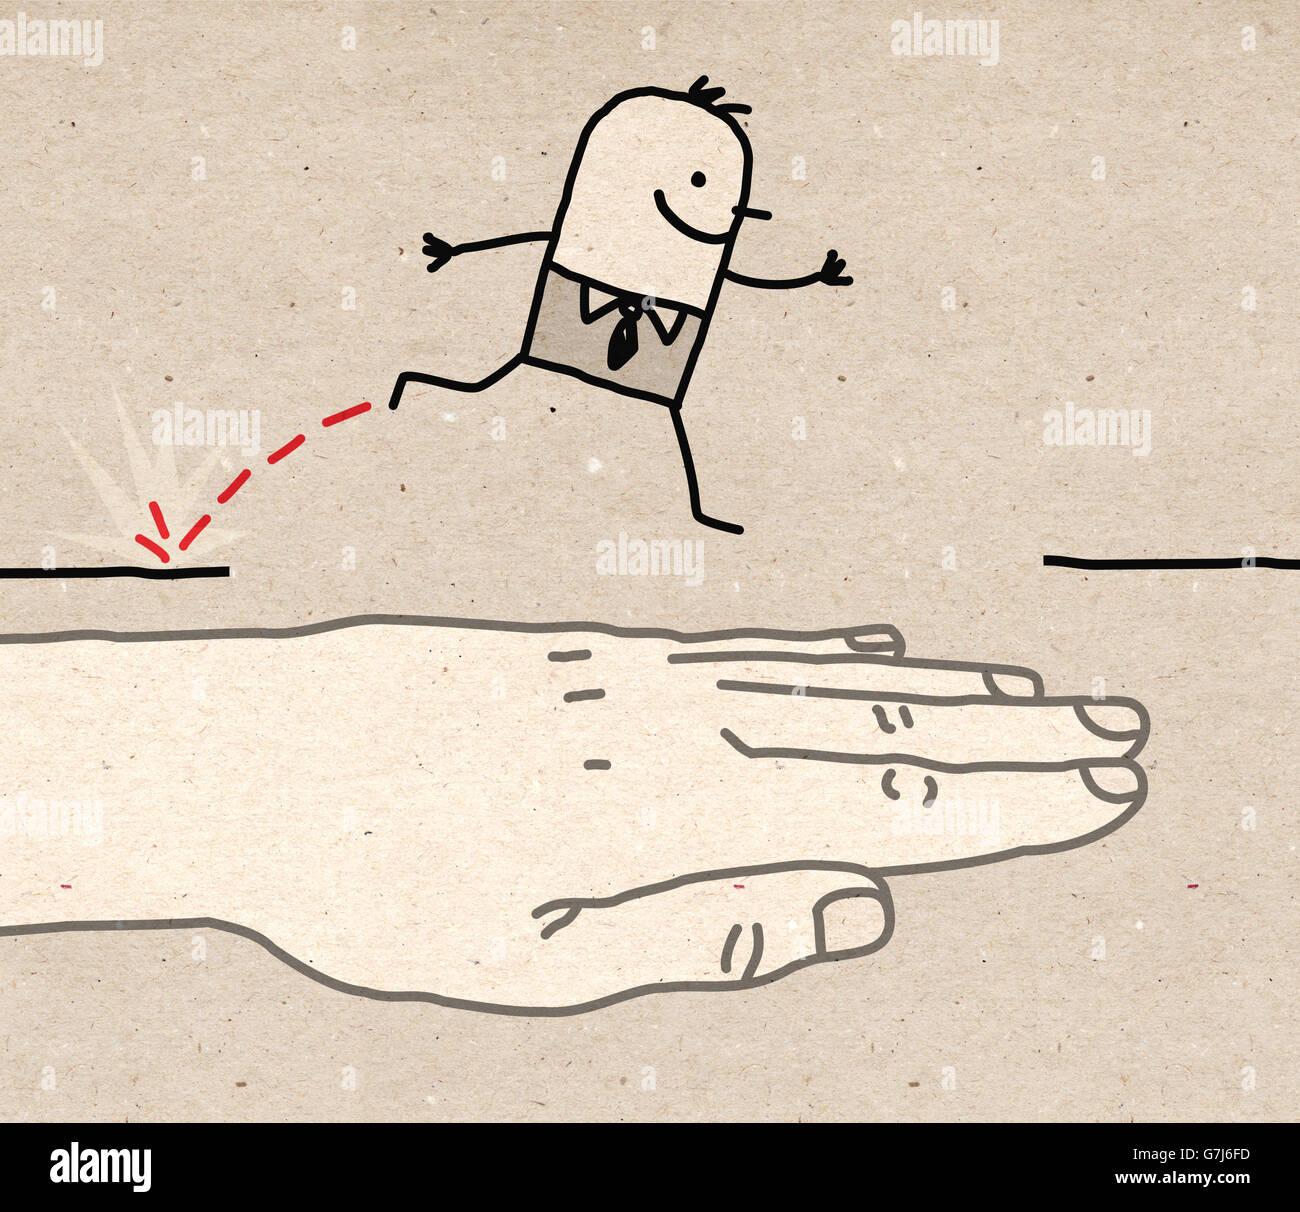 Big hand - help - Stock Image